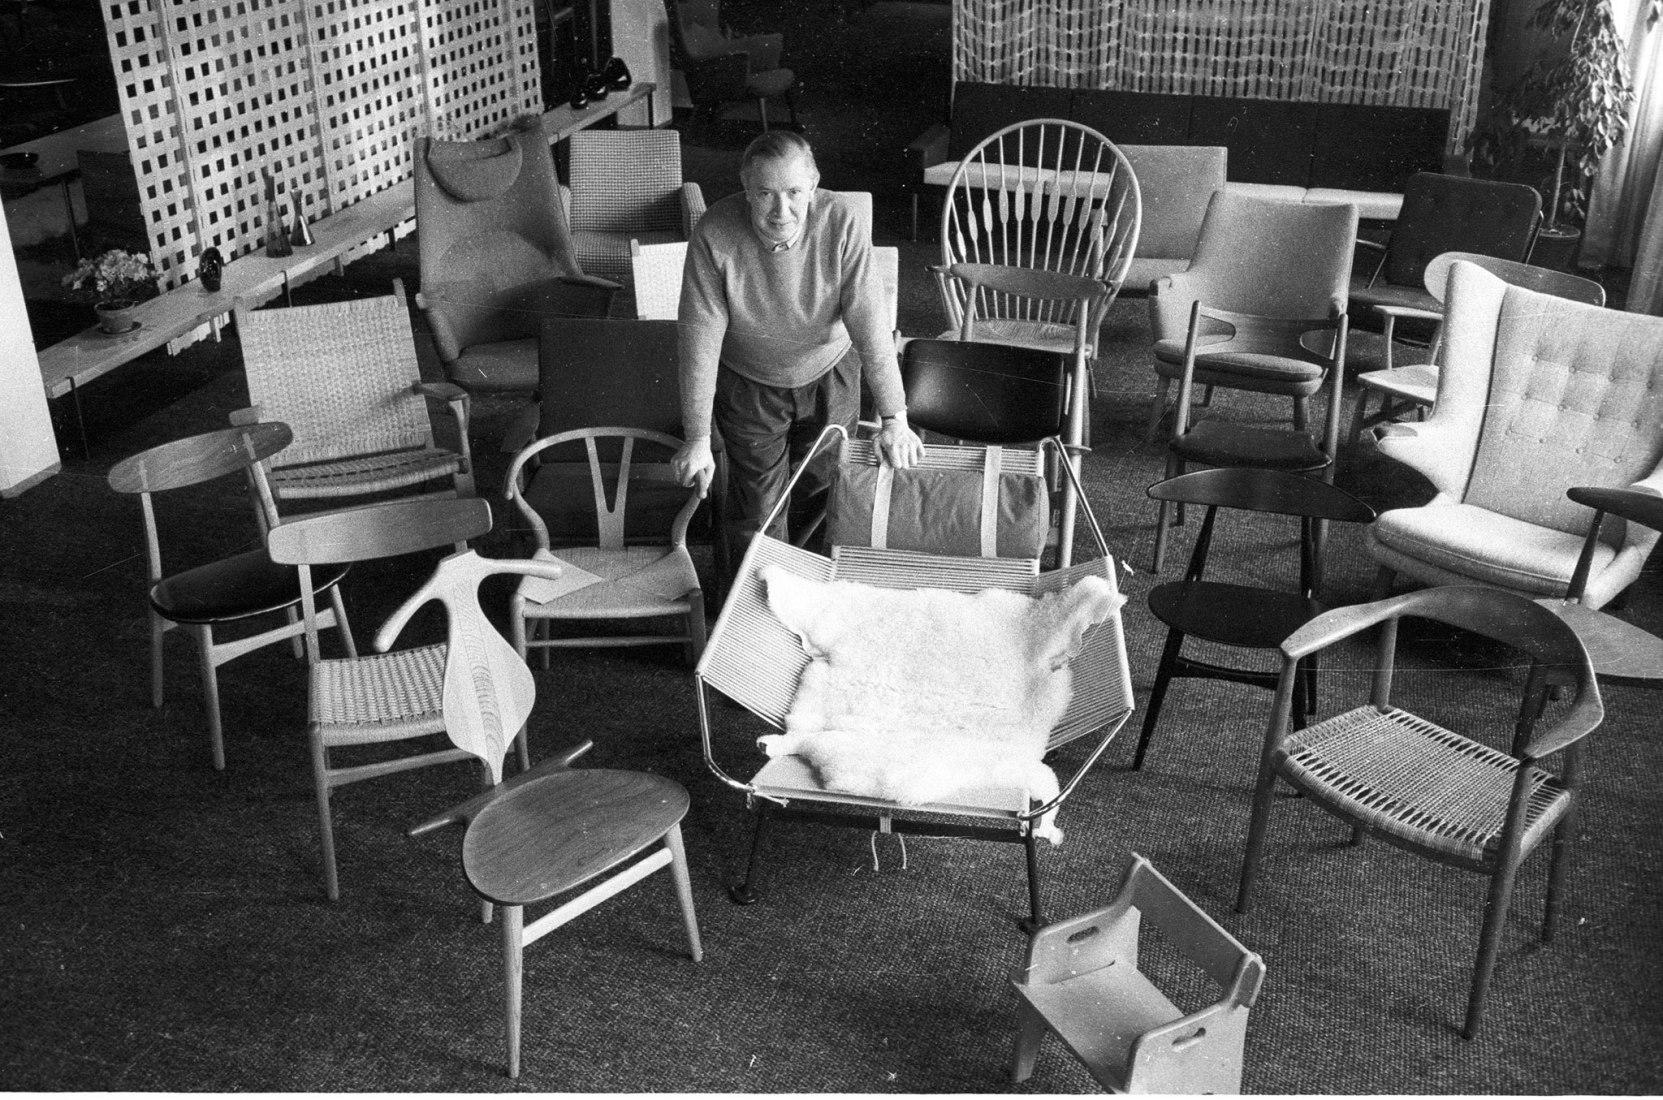 Hans J. Wegner rodeado por sus sillas. Fotografía por Poul Petersen/Scanpix 2017